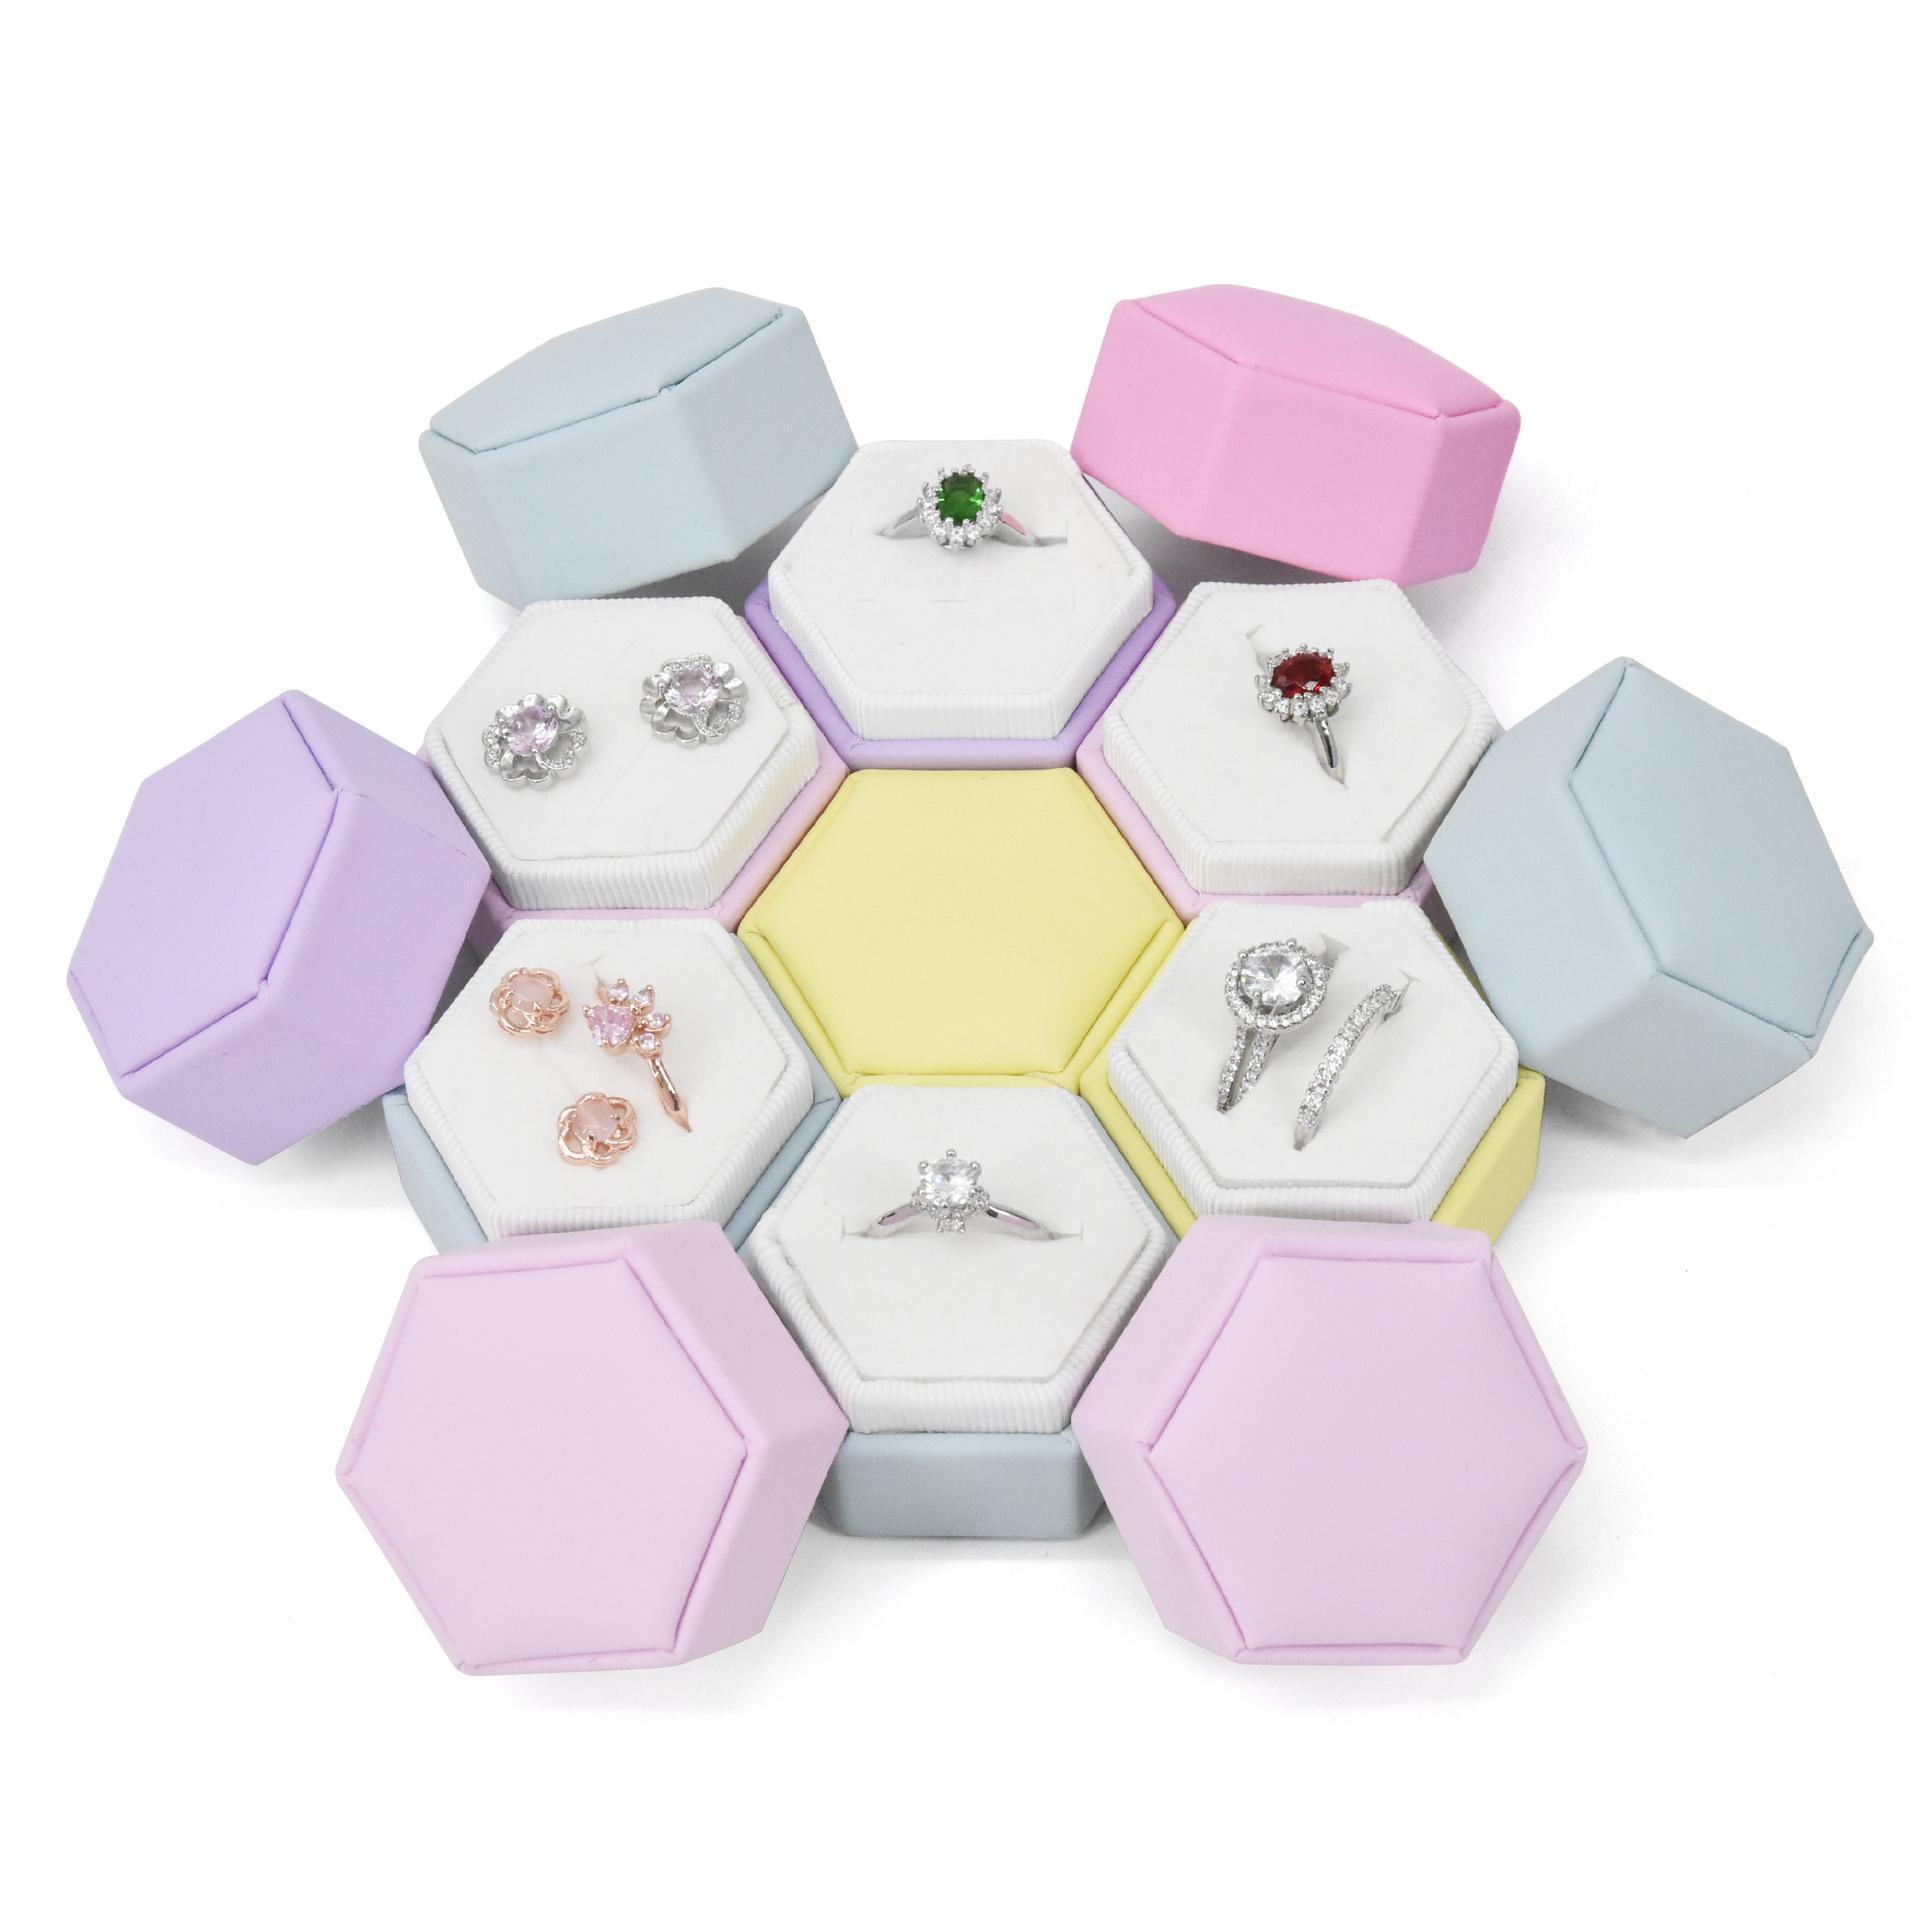 بو الجلود المعكرون اللون البسيطة للماء البنصر حلقة القرط تخزين مربع لحزمة هدية عيد الحب عيد الحب